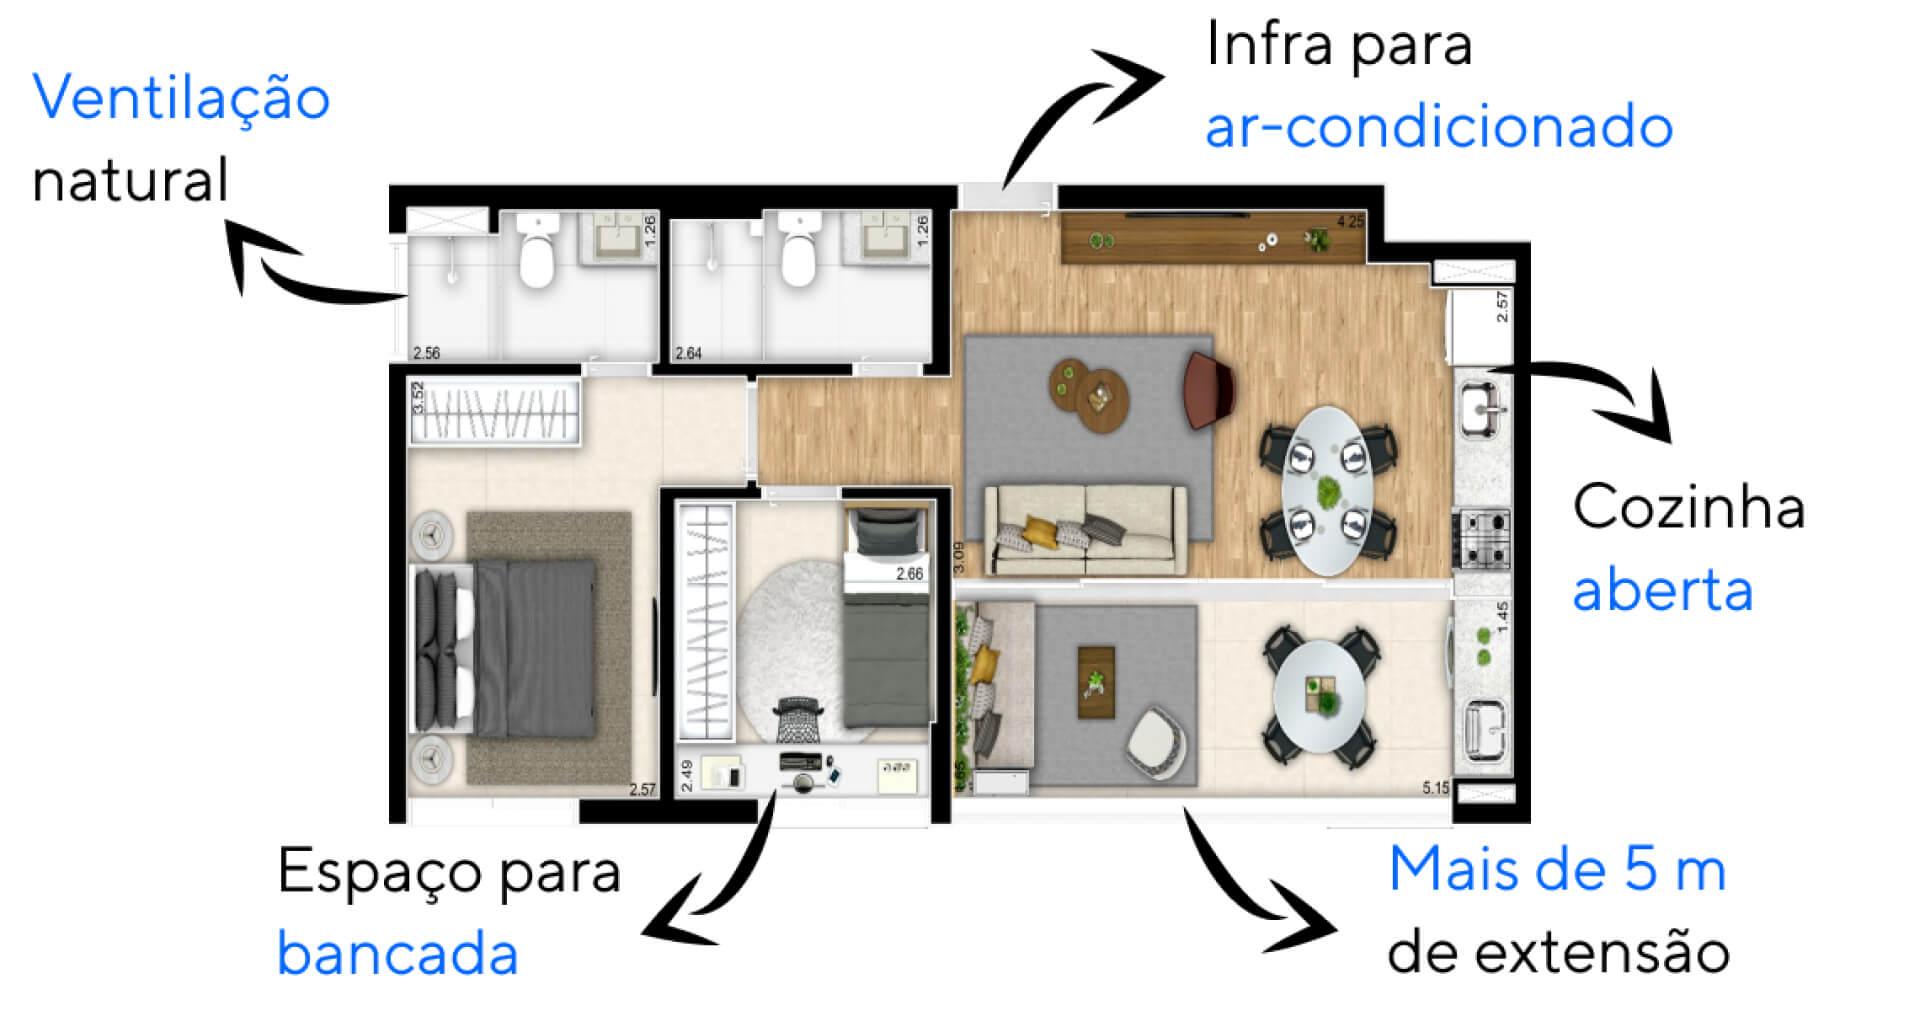 62 M² - 2 DORMITÓRIOS, SENDO 1 SUÍTE. Apartamentos do Just Brooklin com porta de correr em vidro que permite conexão entre os ambientes, integrando totalmente a área social. Destaque para a varanda com mais de 5 m de extensão.